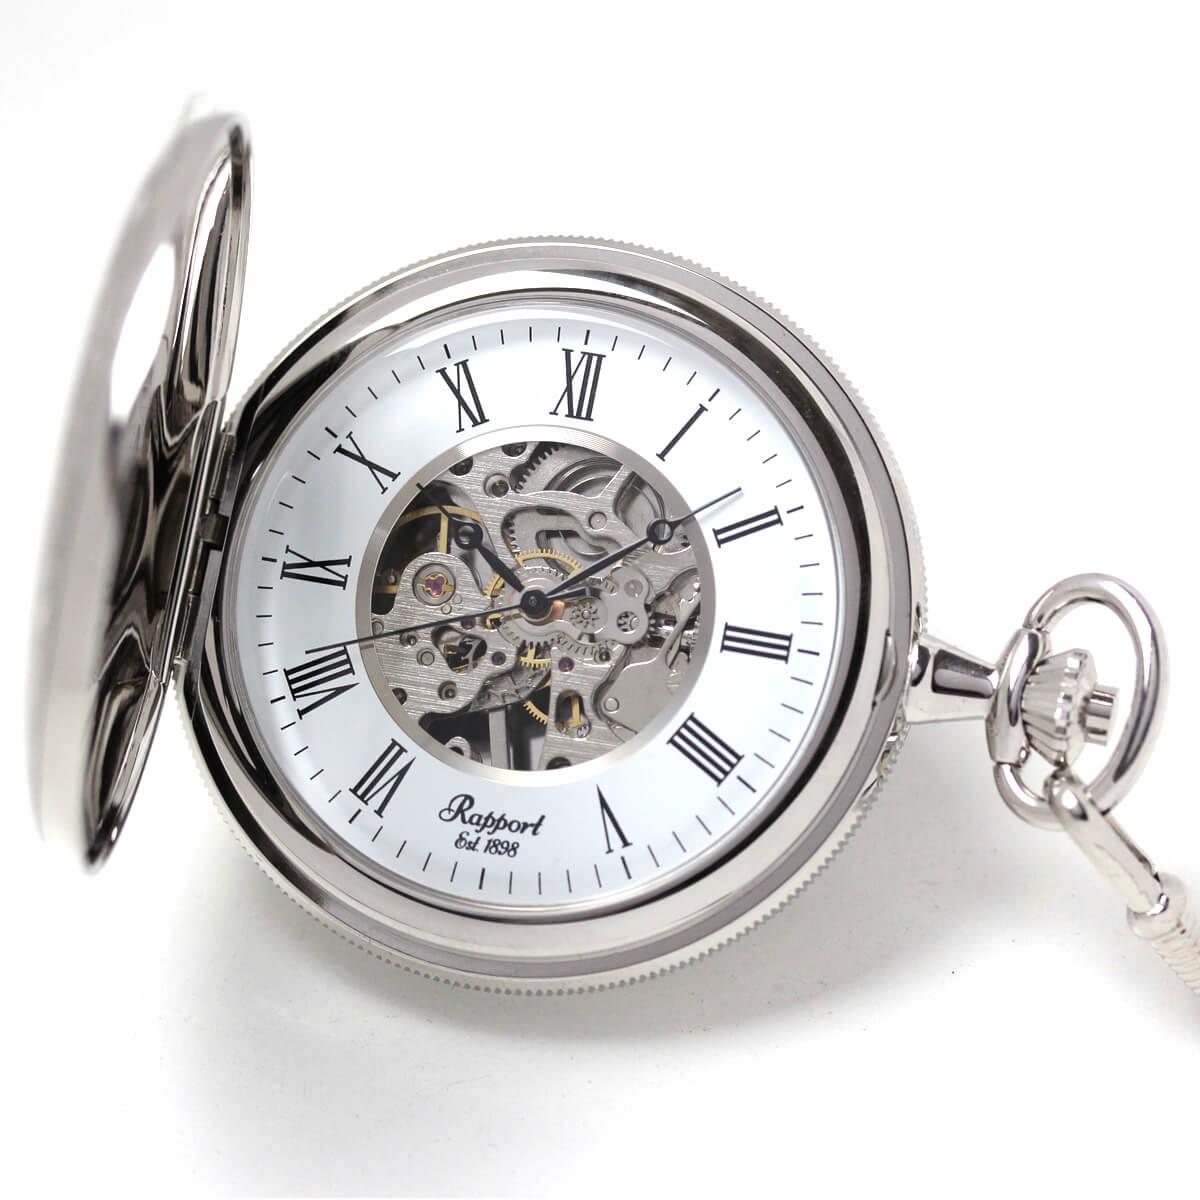 イギリスブランド rapport(ラポート) 懐中時計 pw59 シルバーカラーの両蓋開きスケルトンモデル